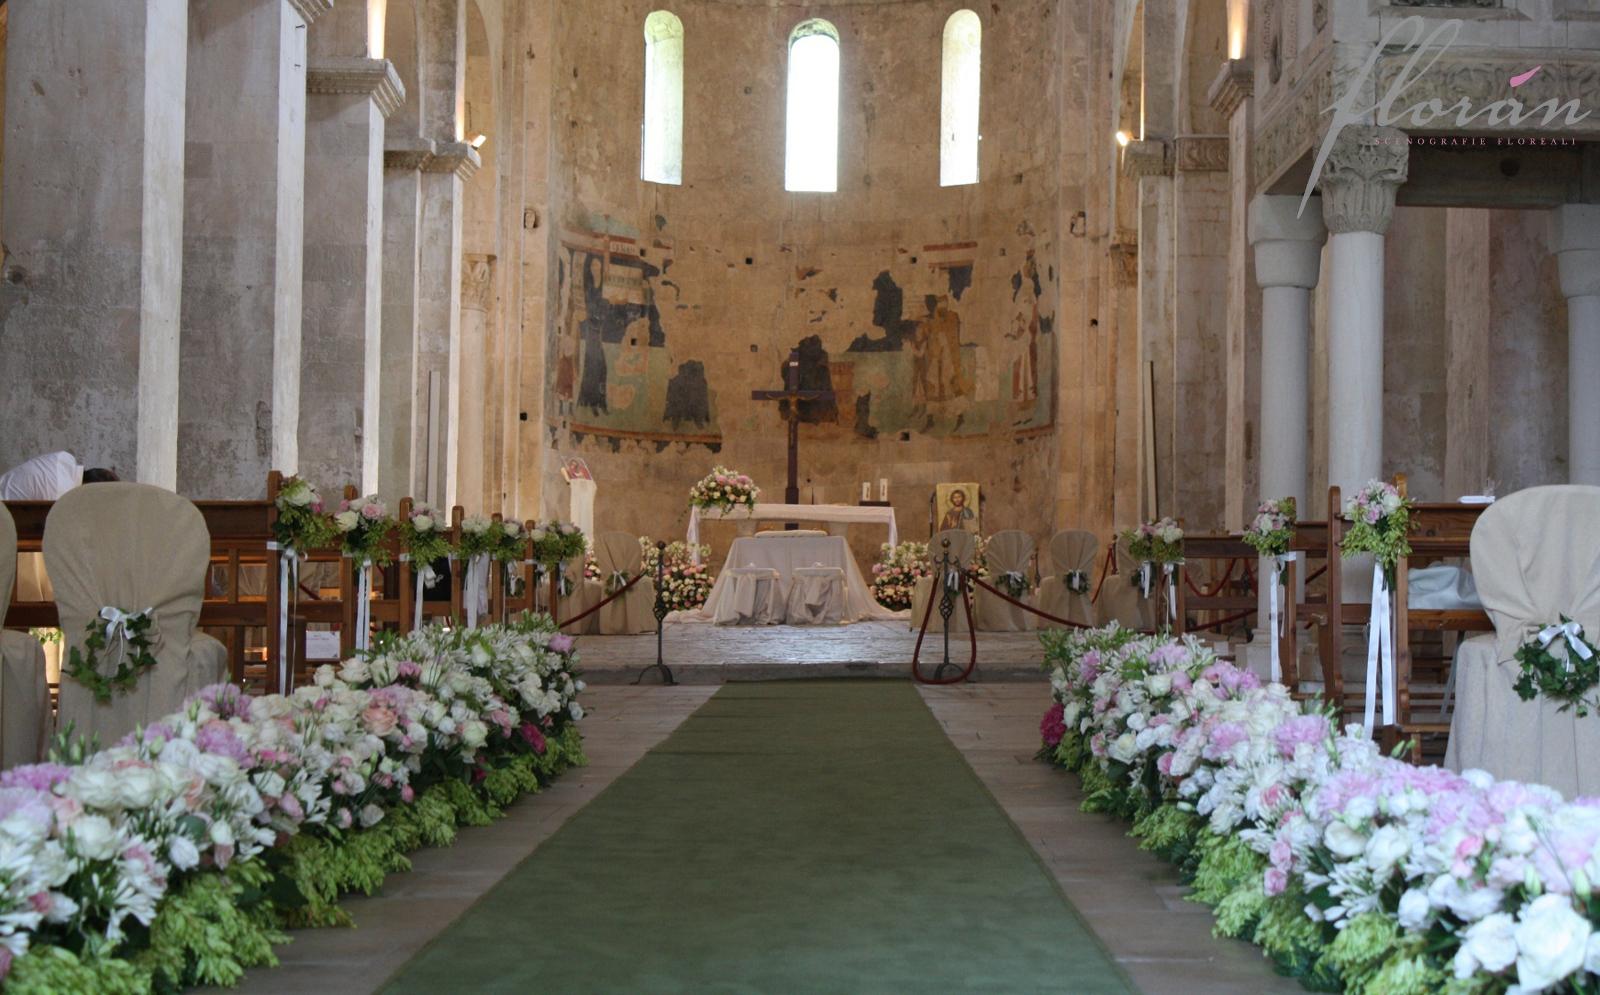 Matrimonio In Chiesa : Addobbi chiesa matrimonio candele migliore collezione